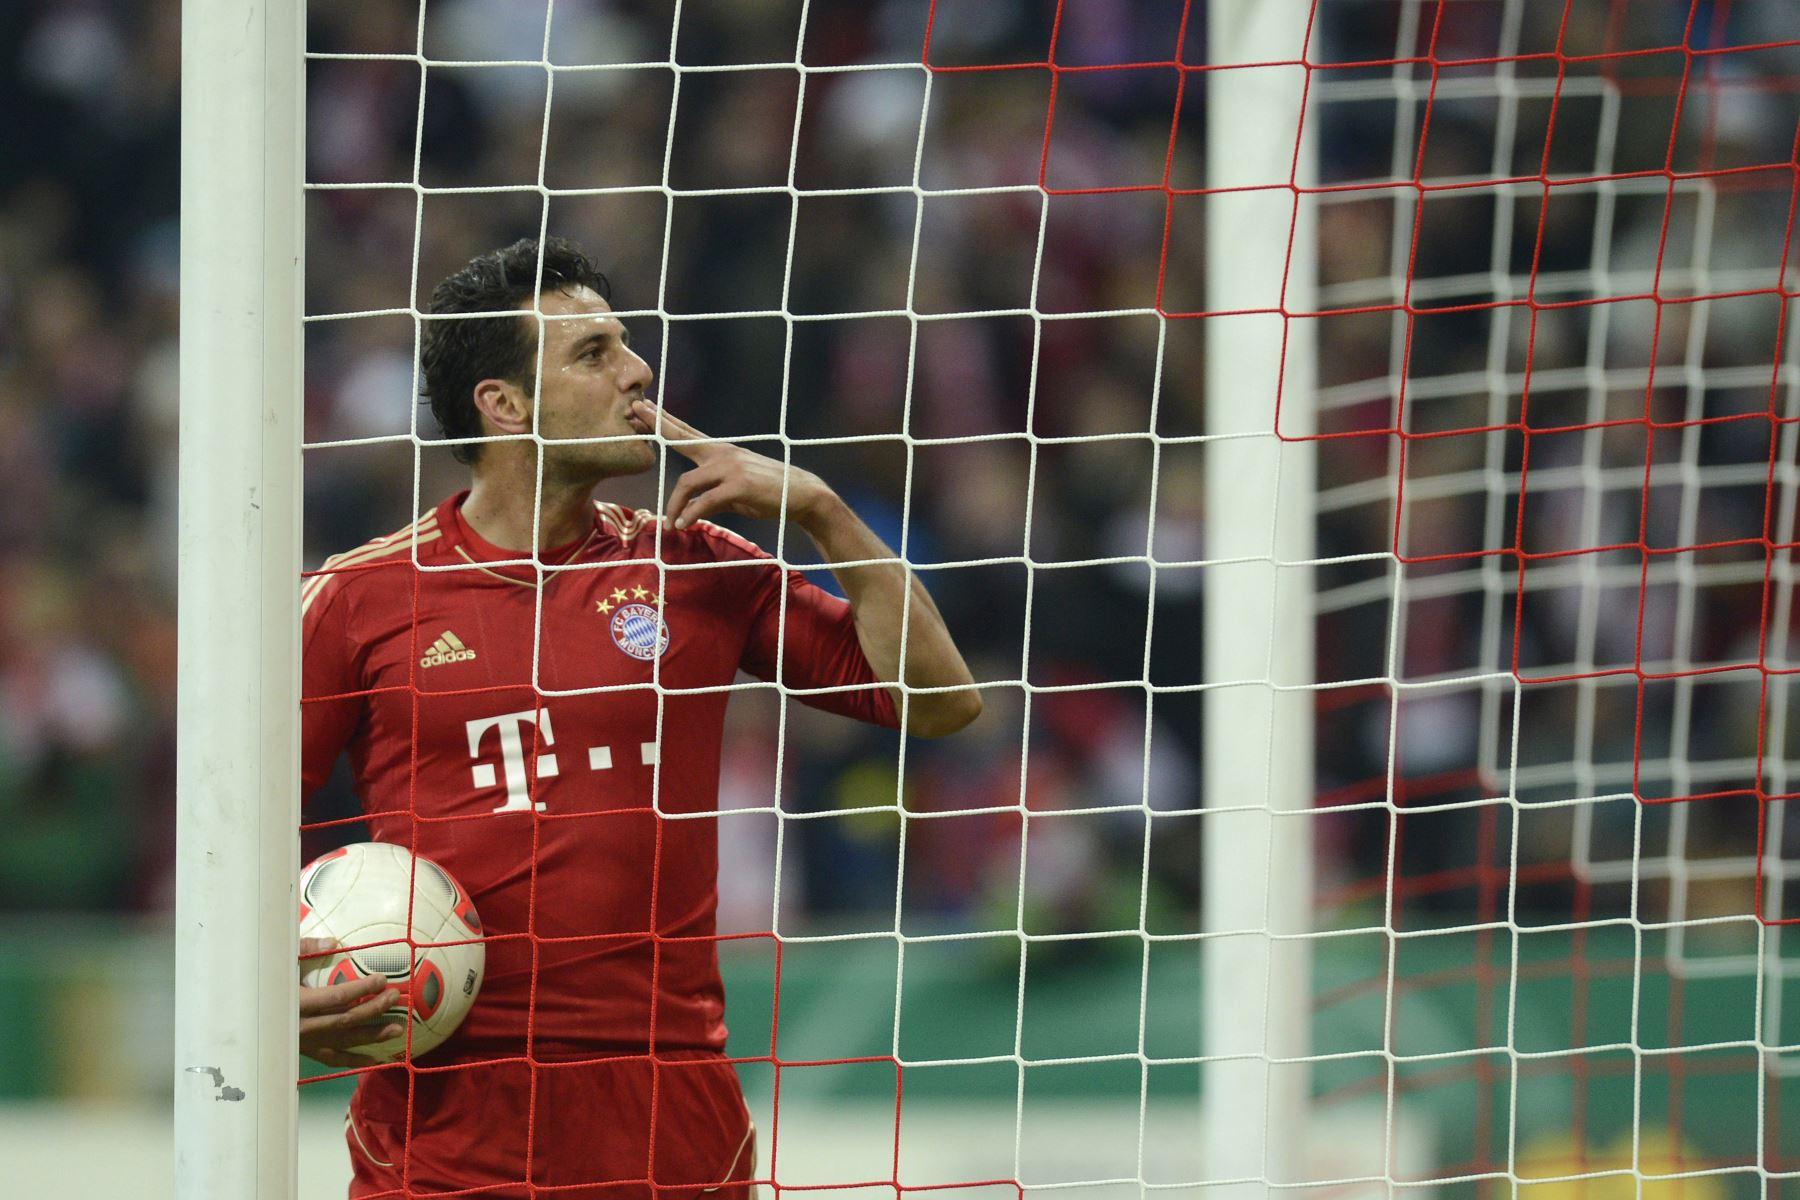 El delantero peruano del Bayern de Múnich, Claudio Pizarro, celebra tras anotar el tercer gol de su equipo ante el FC Kaiserslautern en Múnich, el 31 de octubre de 2012. Foto: AFP